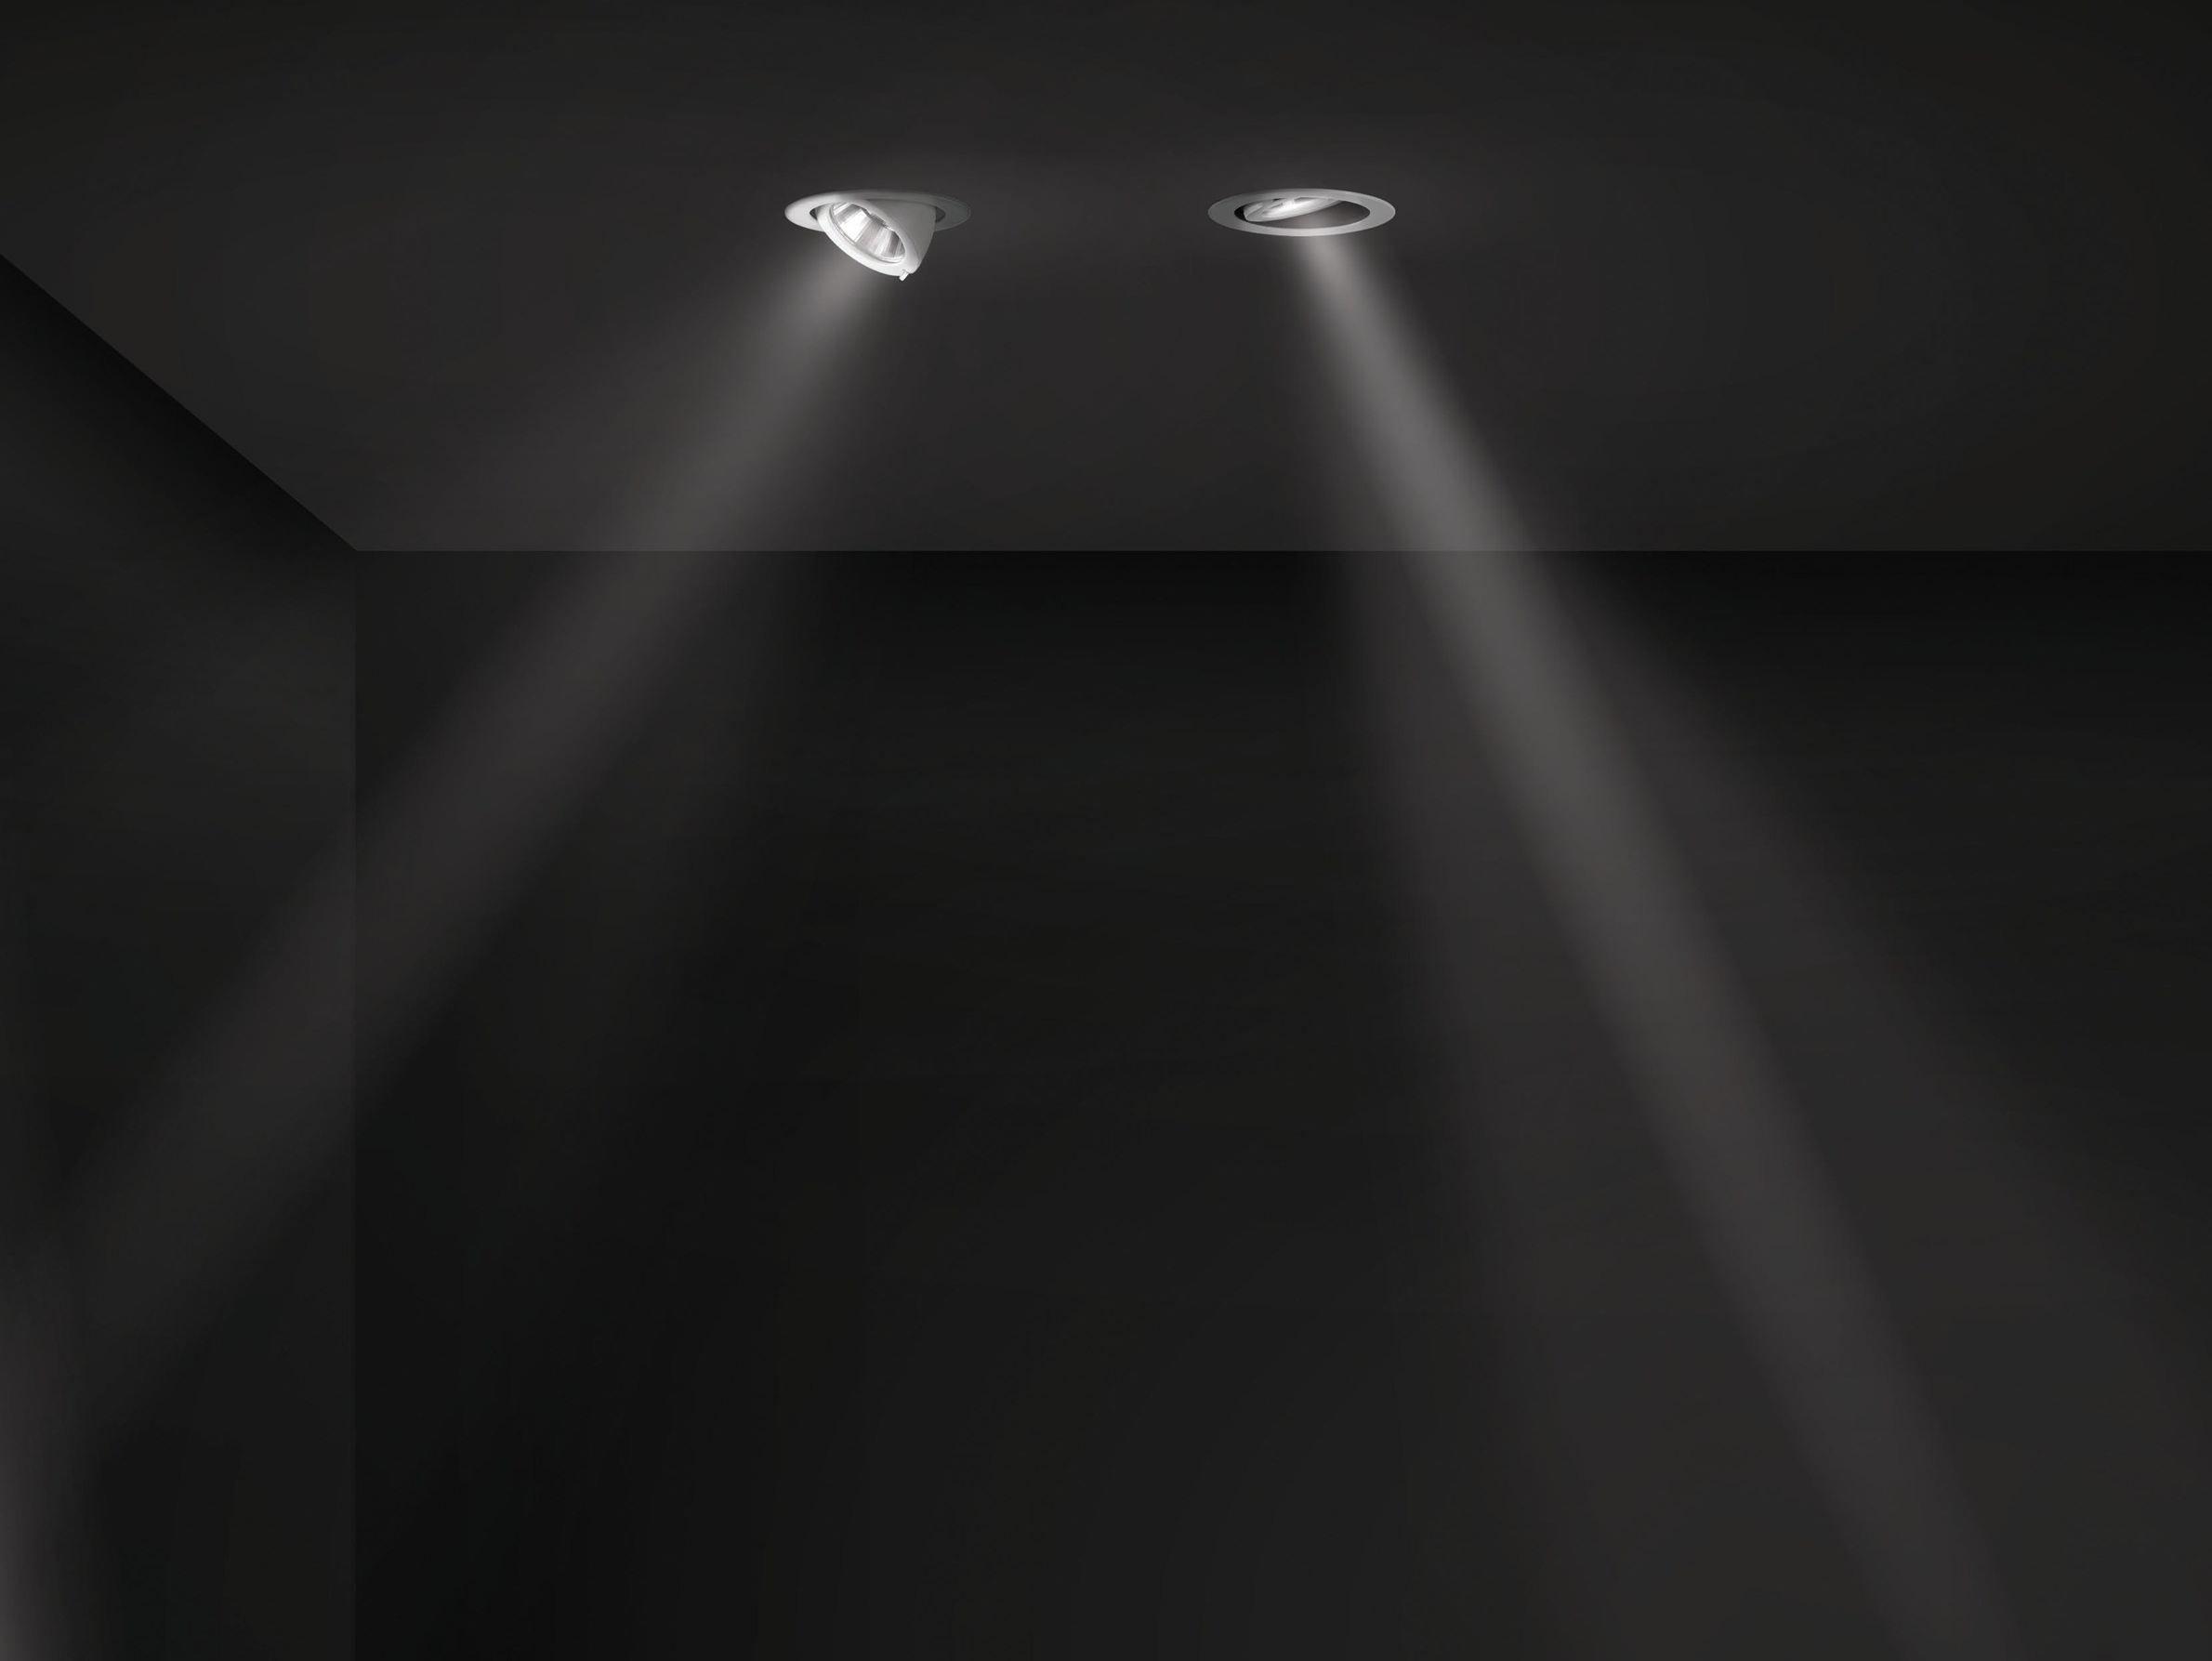 Faretto a led orientabile a soffitto pixel plus by iguzzini